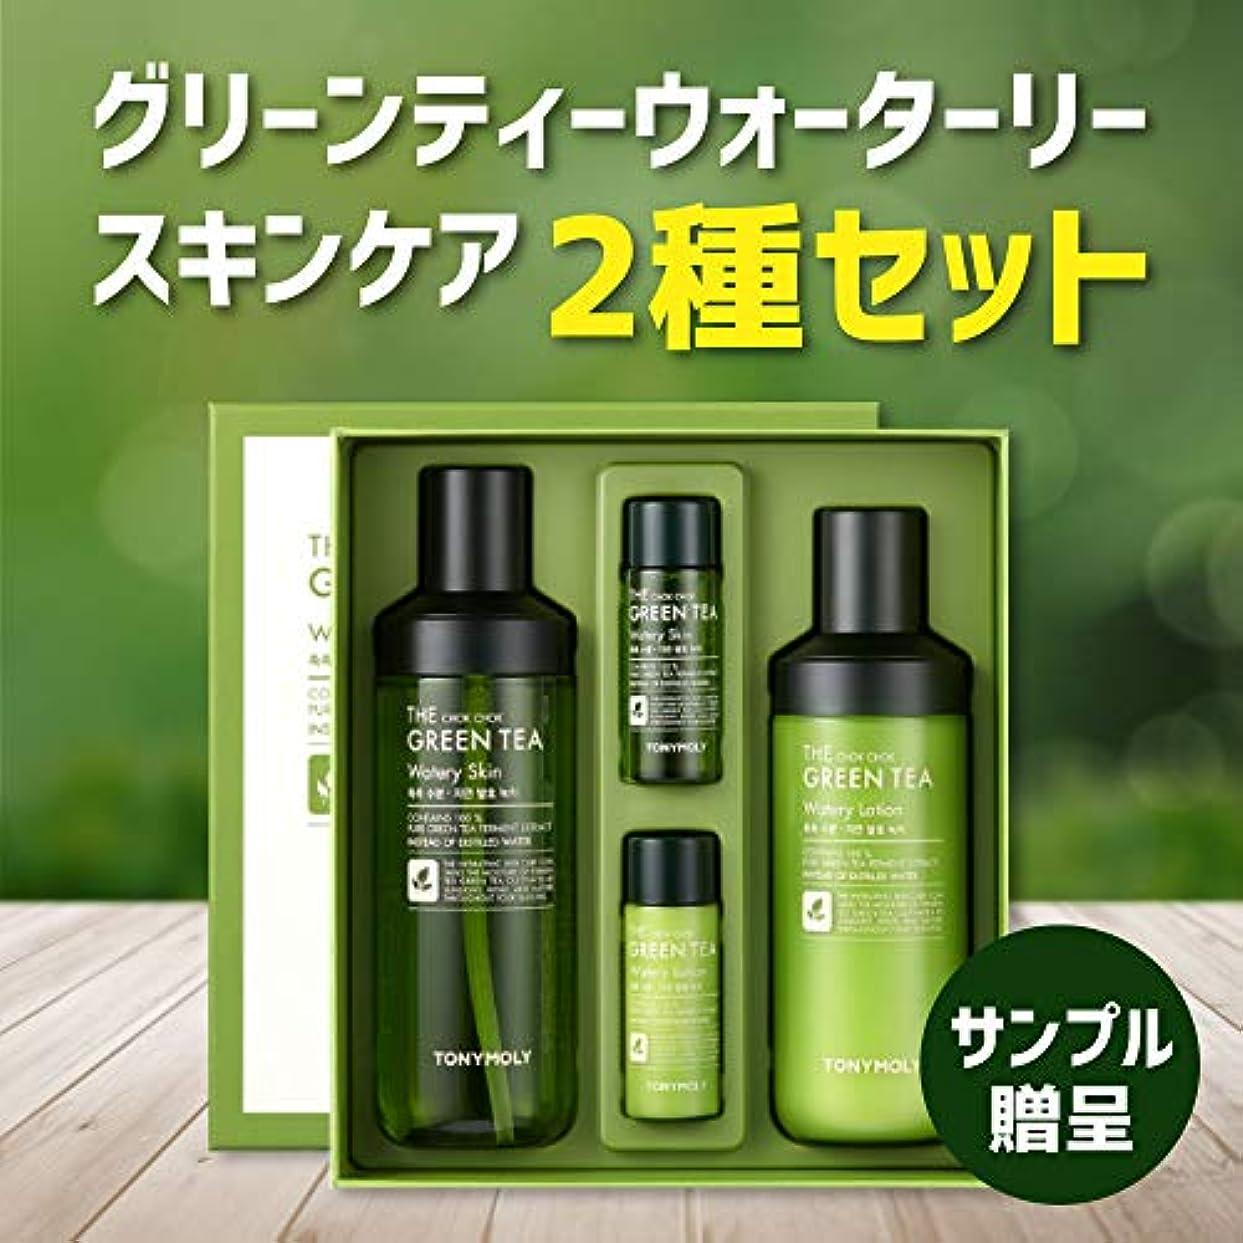 四分円屋内部分TONYMOLY しっとり グリーン ティー 水分 化粧水 乳液 セット 抹茶 The Chok Chok Green Tea Watery Skin